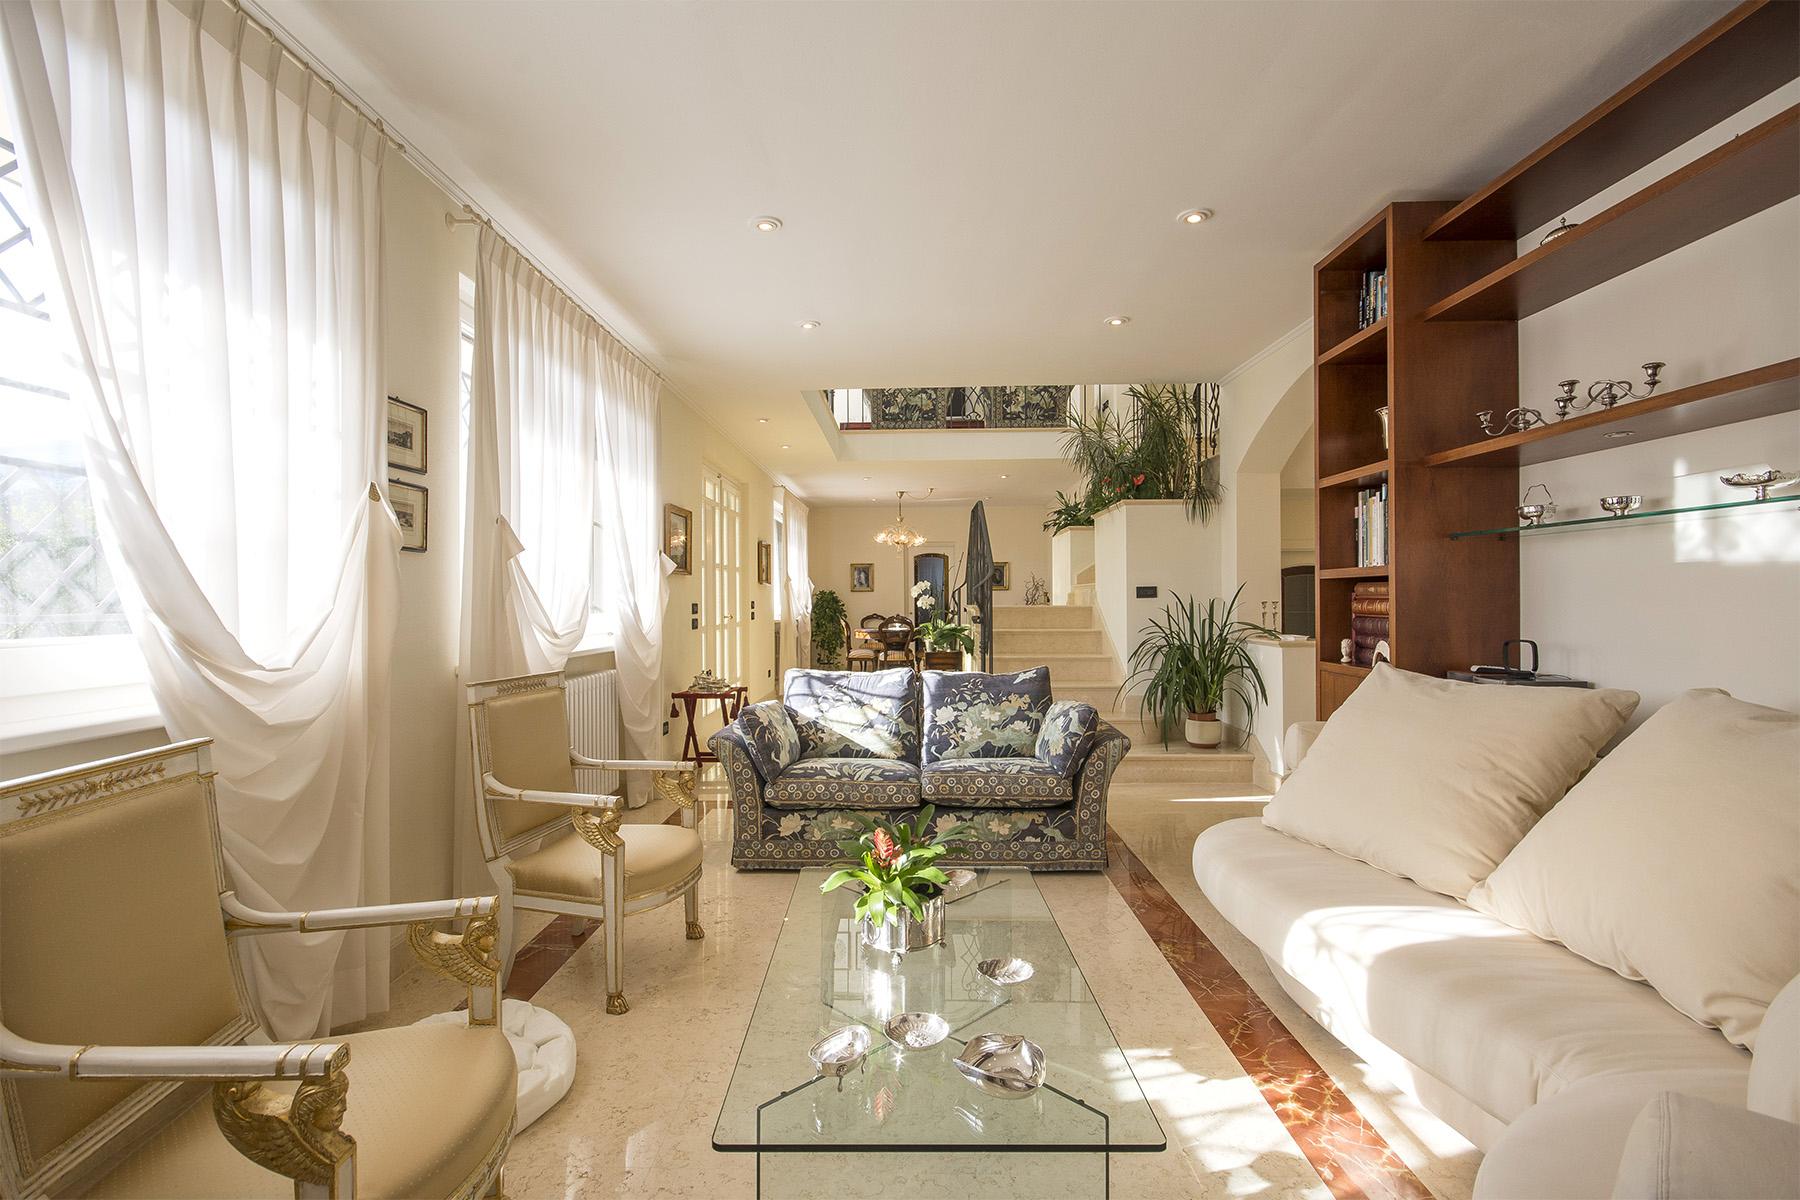 Casa indipendente in Vendita a Lucca: 5 locali, 300 mq - Foto 5